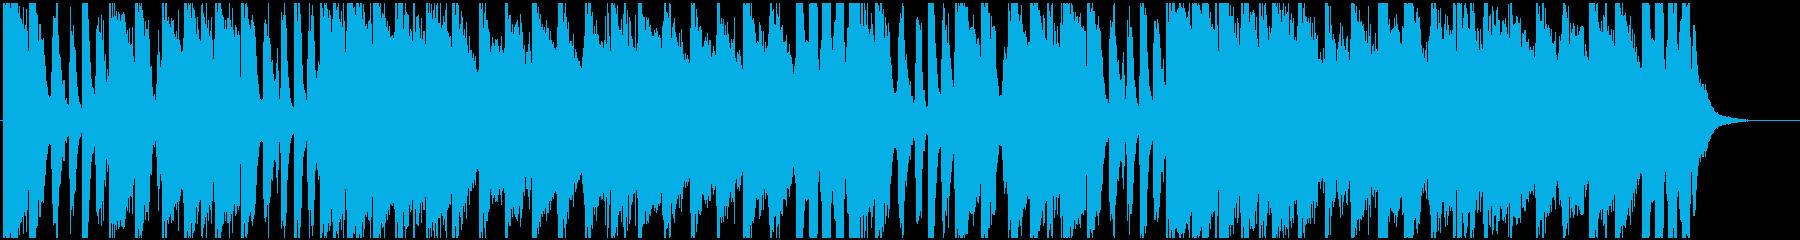 重厚なロック。入場・イントロダクション等の再生済みの波形